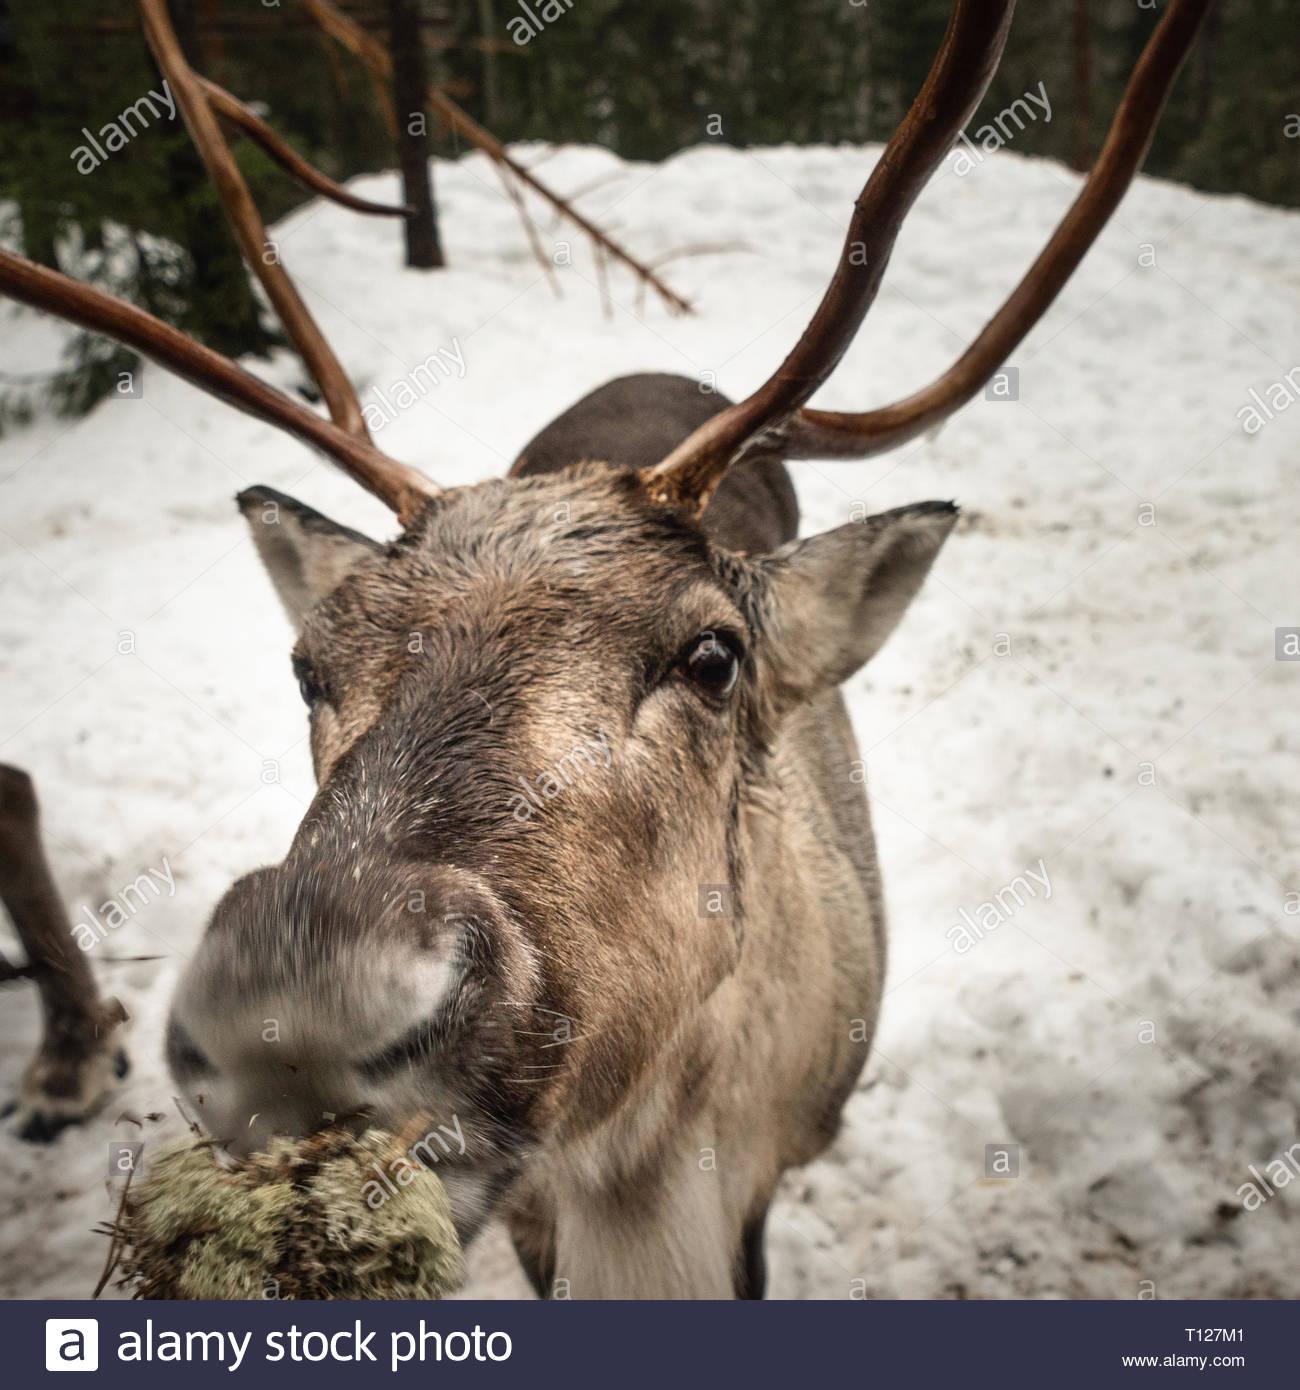 Reindeer eating - Stock Image